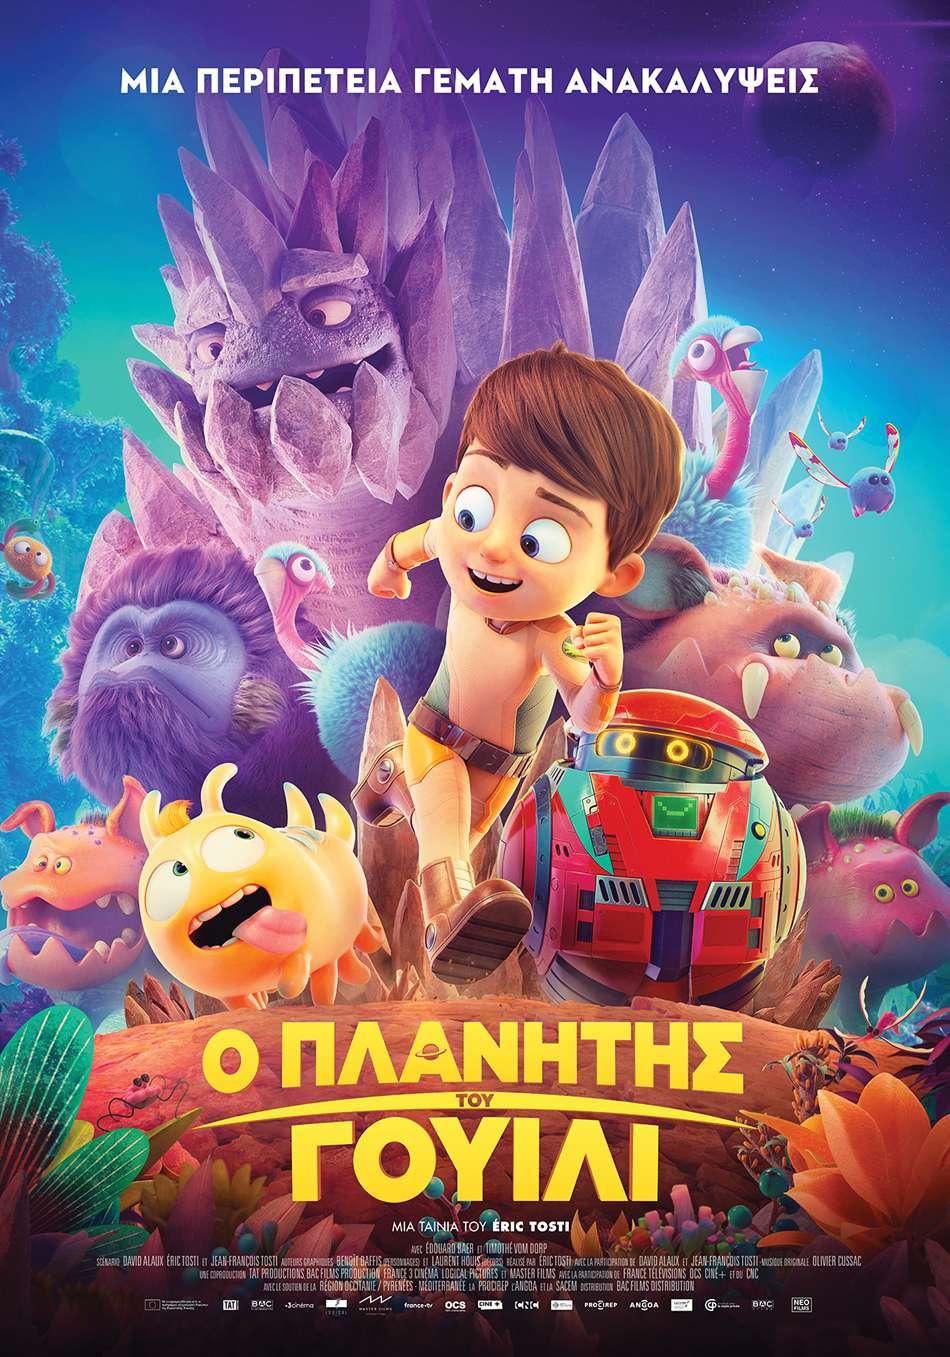 Ο Πλανήτης του Γουίλι (Terra Willy: Planète Inconnue) Poster Πόστερ